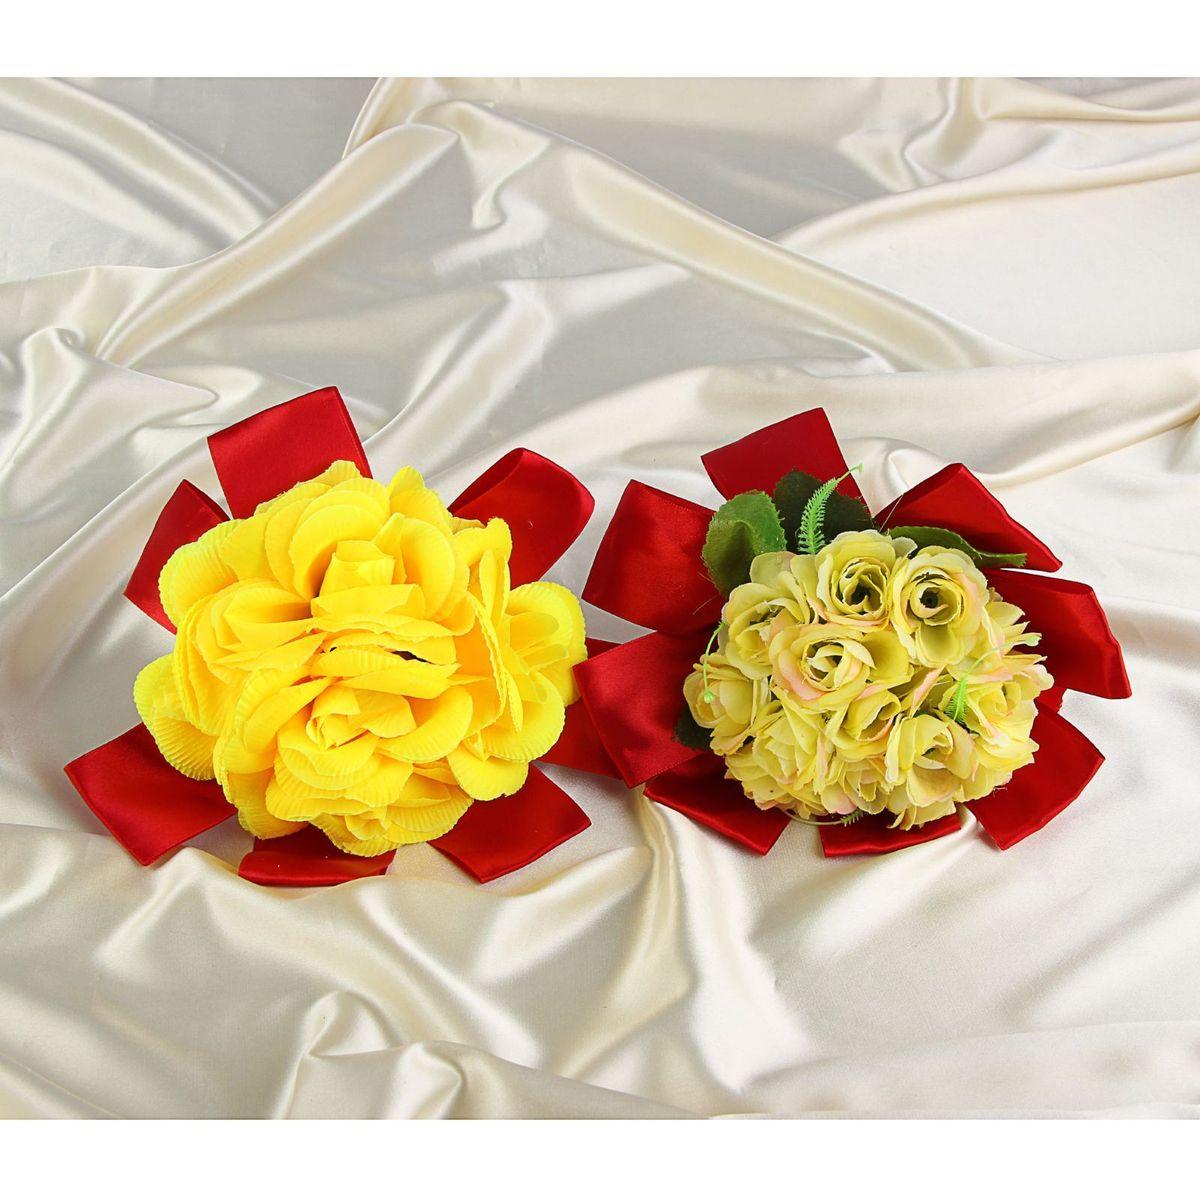 Букет-дублер Sima-land, цвет: желтый, красный. 12511641135090Добавьте в интерьер частичку весны! Дублер букета невесты из желтых цветов в красном оформлении микс будет радовать неувядающей красотой не один год. Просто поставьте его в вазу или создайте пышную композицию.Искусственные растения не требуют поливки, особого освещения и другого специального ухода. Они украсят любое помещение (например, ванную с повышенной влажностью или затемнённый коридор).Дом становится уютным благодаря мелочам. Преобразите интерьер, а вместе с ним улучшится и настроение